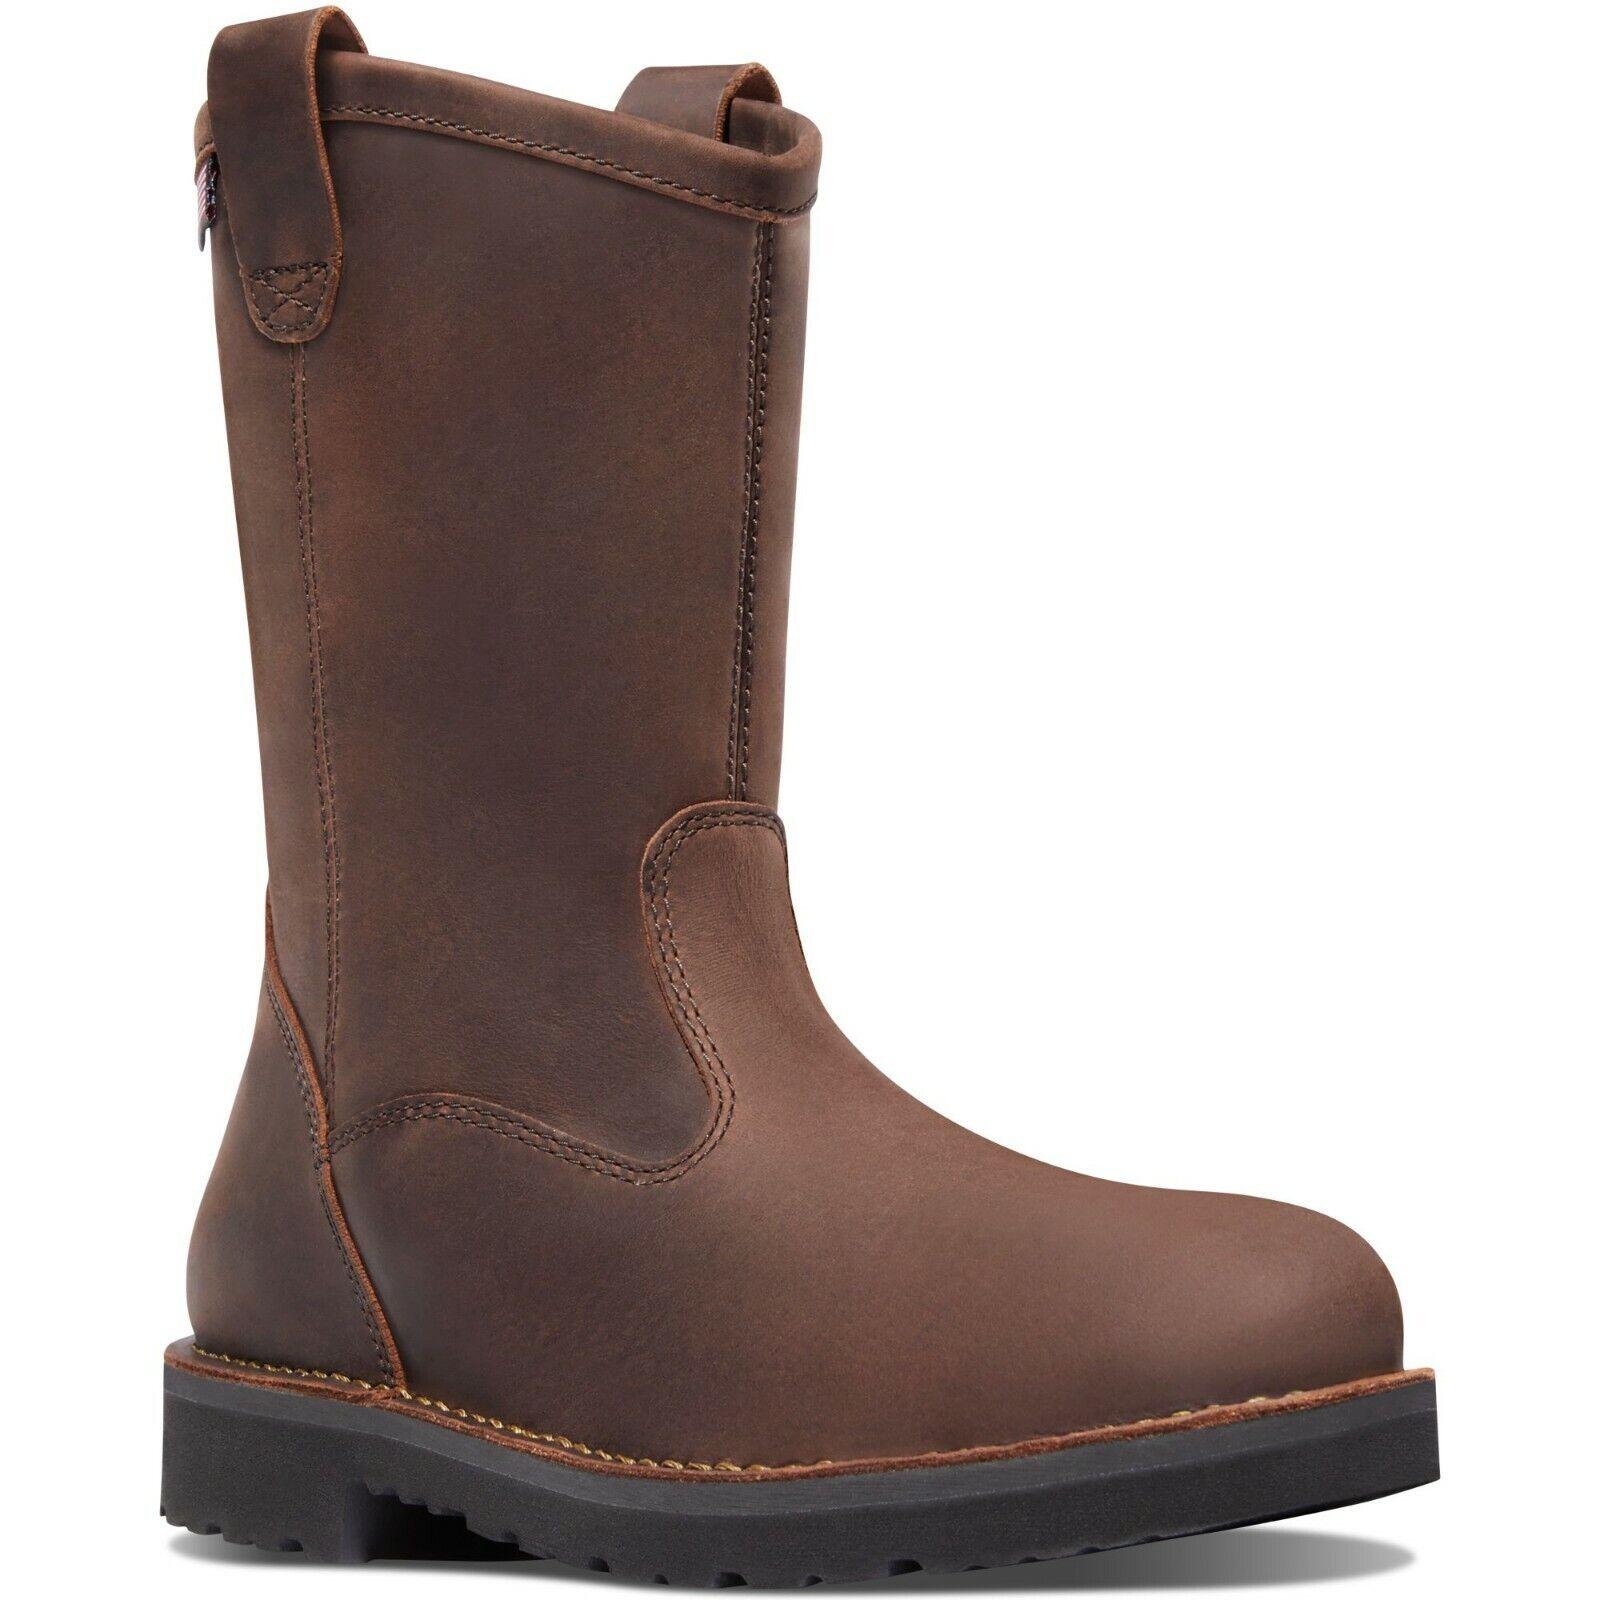 Zapatos De Cuero Danner para hombre 15580 Bull Wellington 11  Marrón Punta rojoonda Run botas